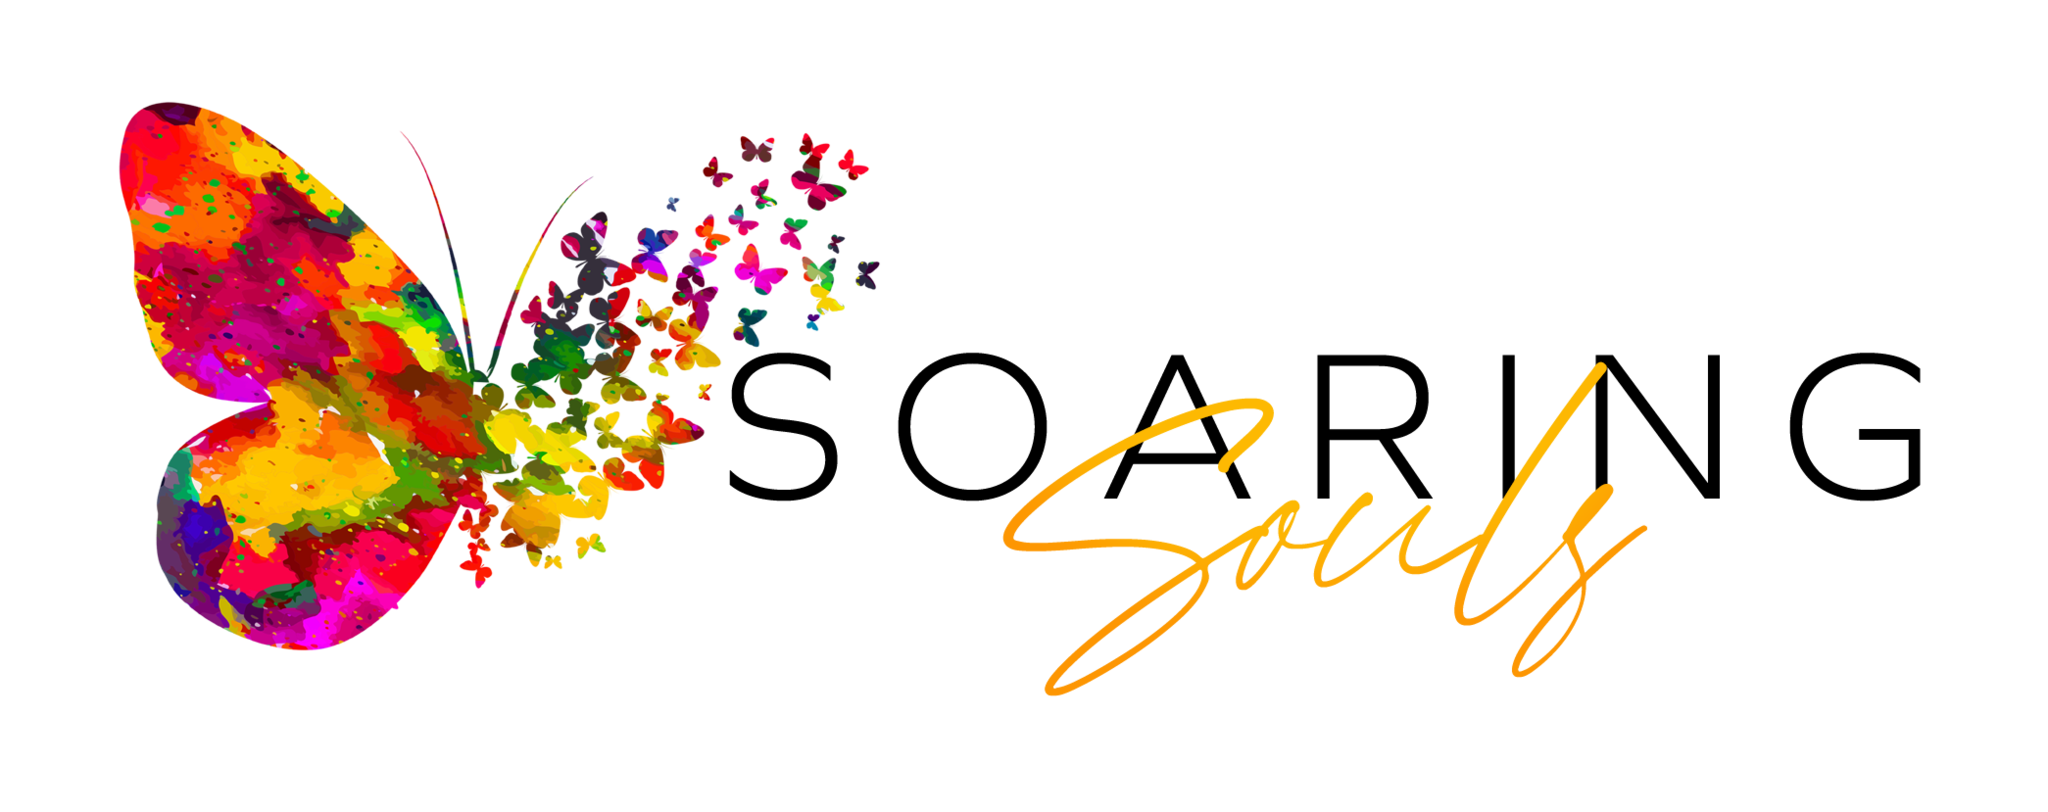 Soaring Souls